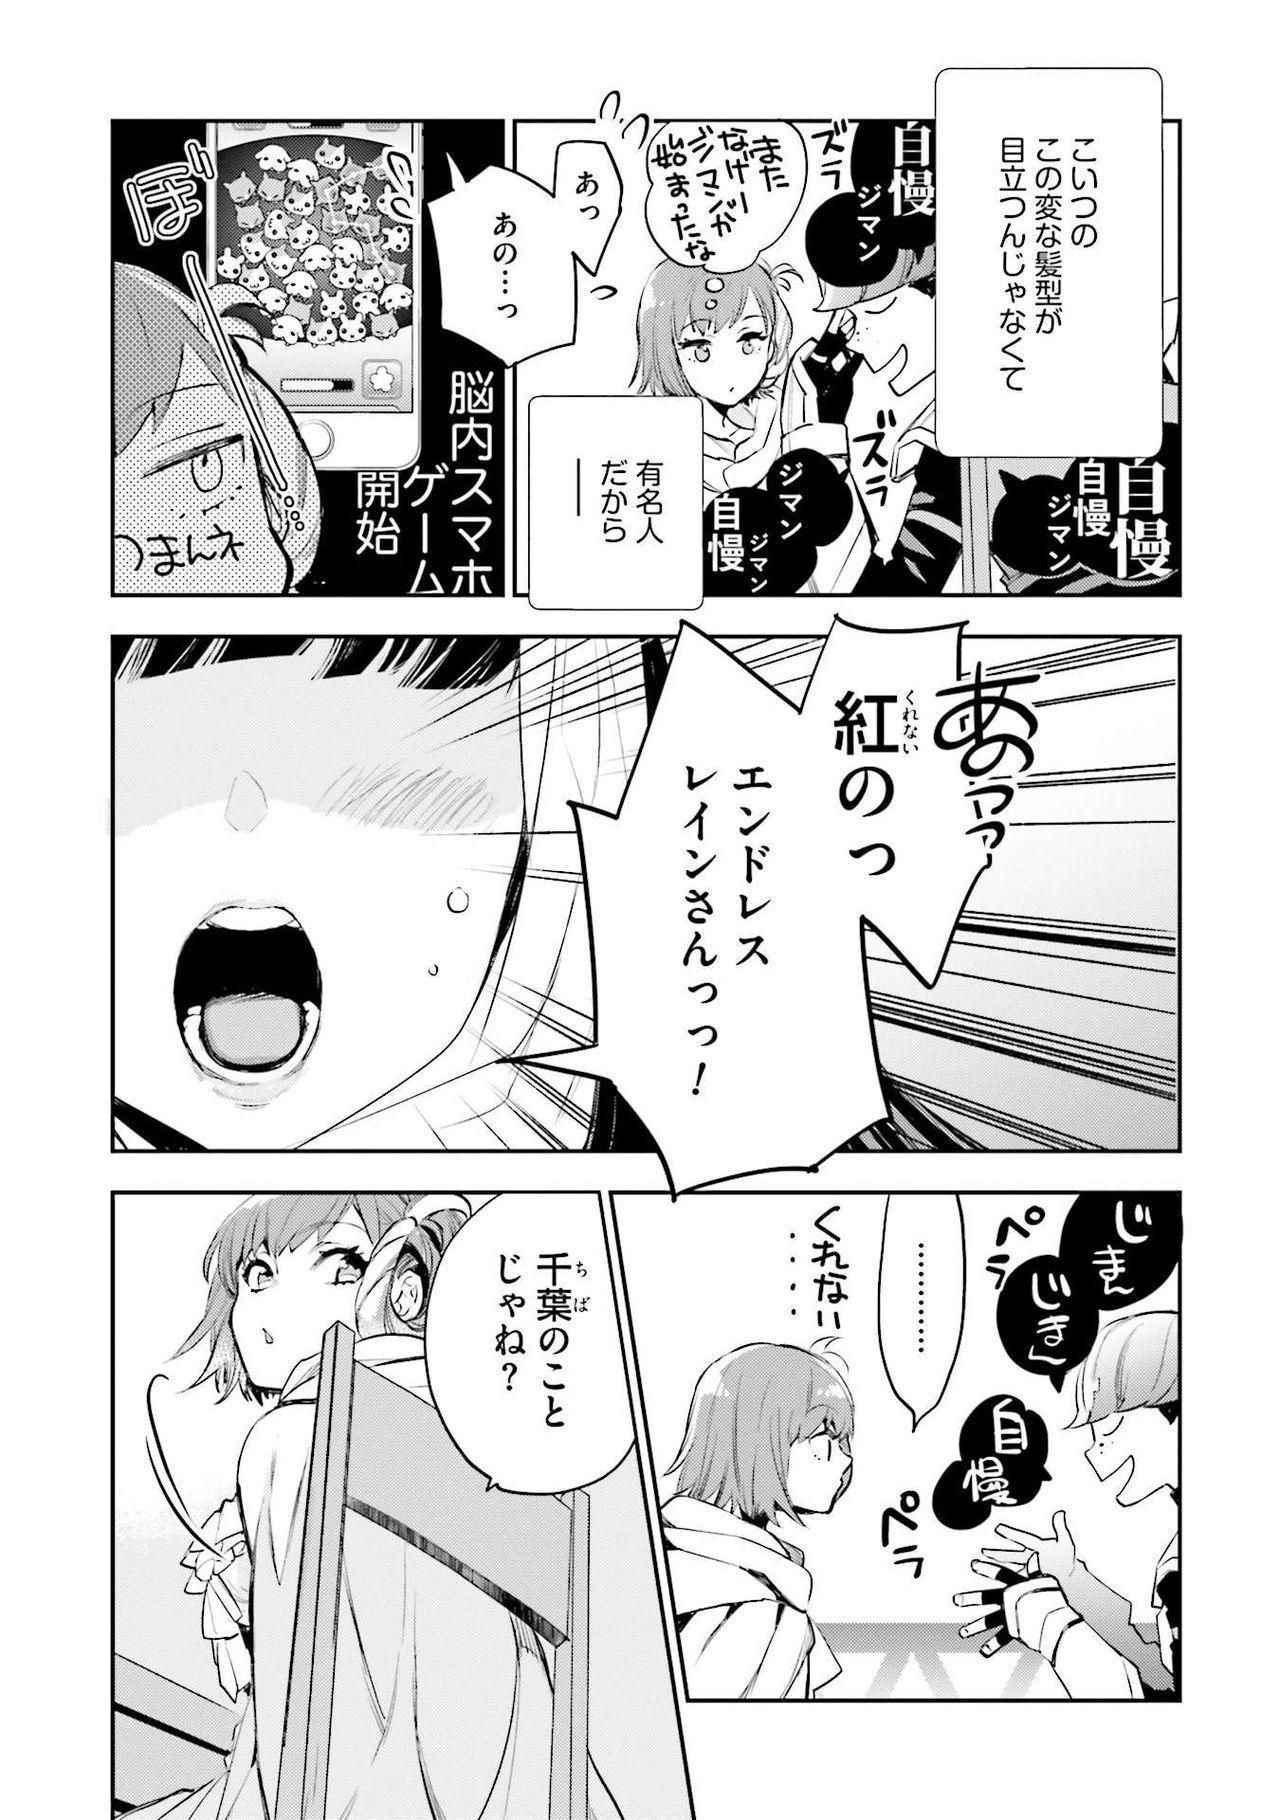 JK Haru wa Isekai de Shoufu ni Natta 1-14 144